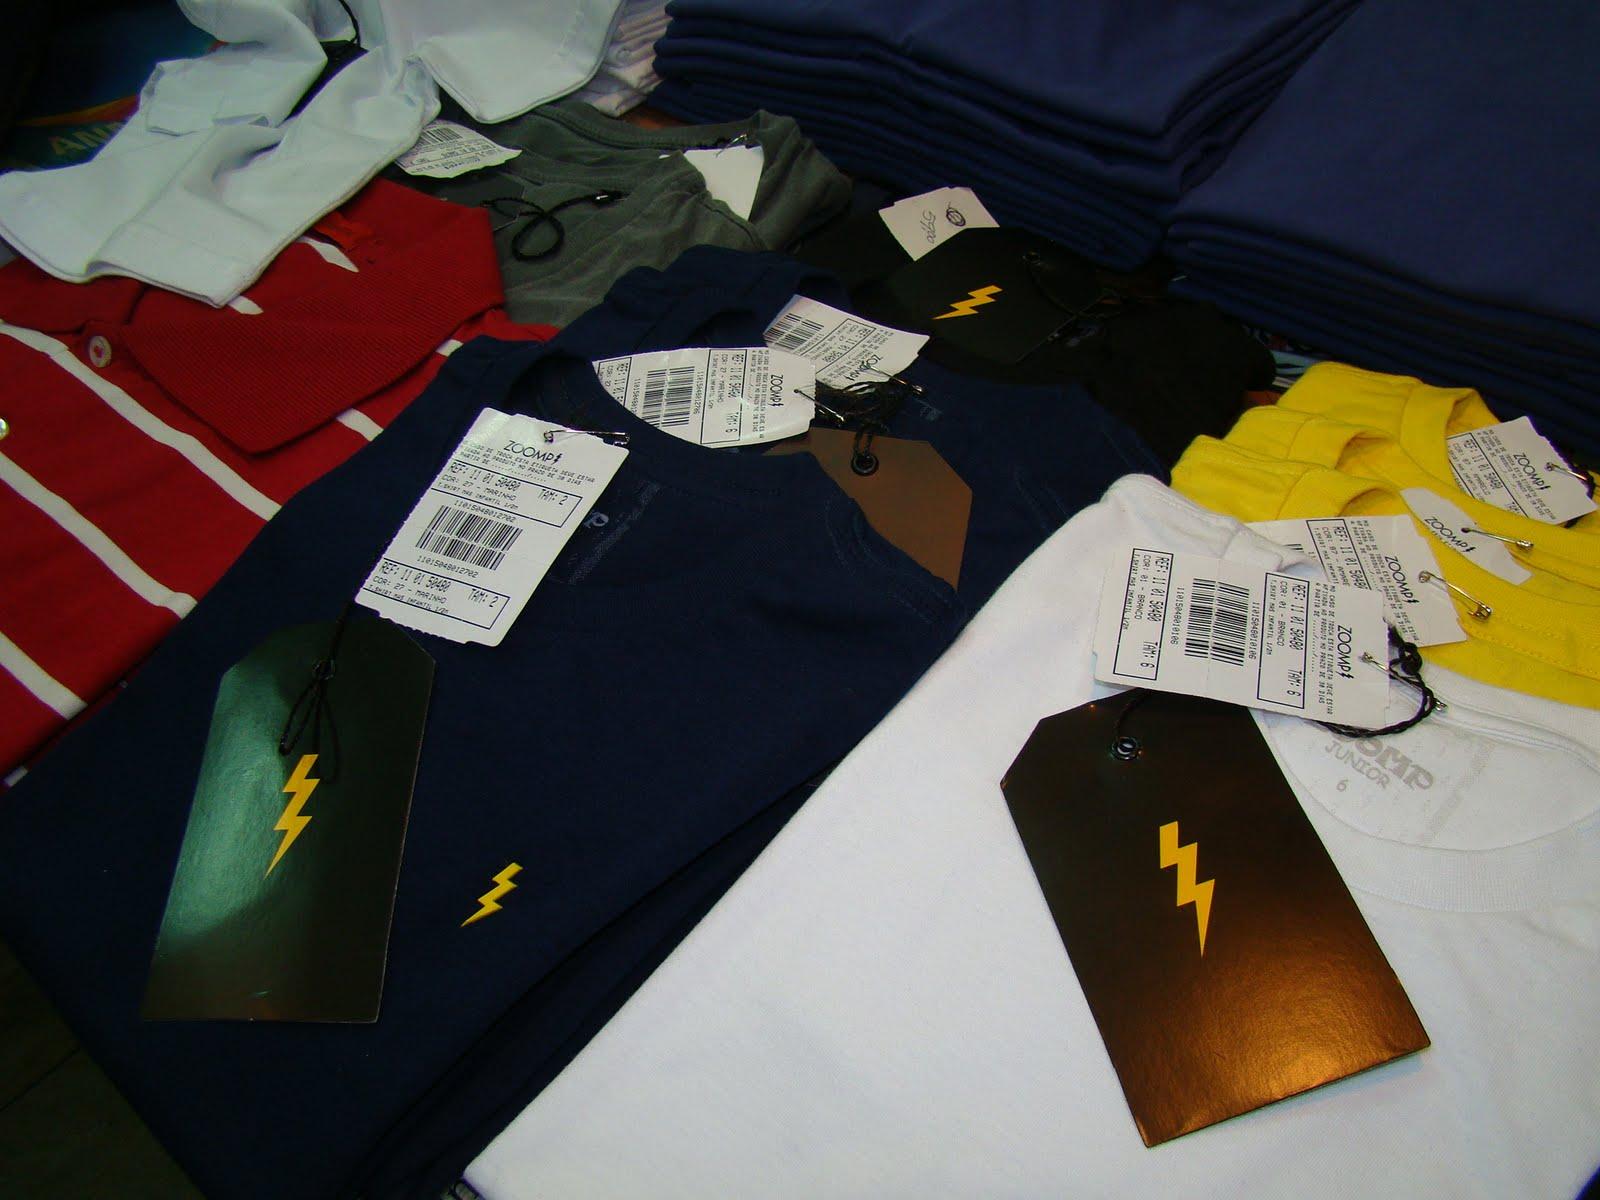 cb02216c8b Dei uma mini-passadinha na Off Jeans Outlet ( offjeansoutlet) hoje para  contar as novidades e ainda tem umas camisetinhas t-shirts teens e que as  tamanho ...